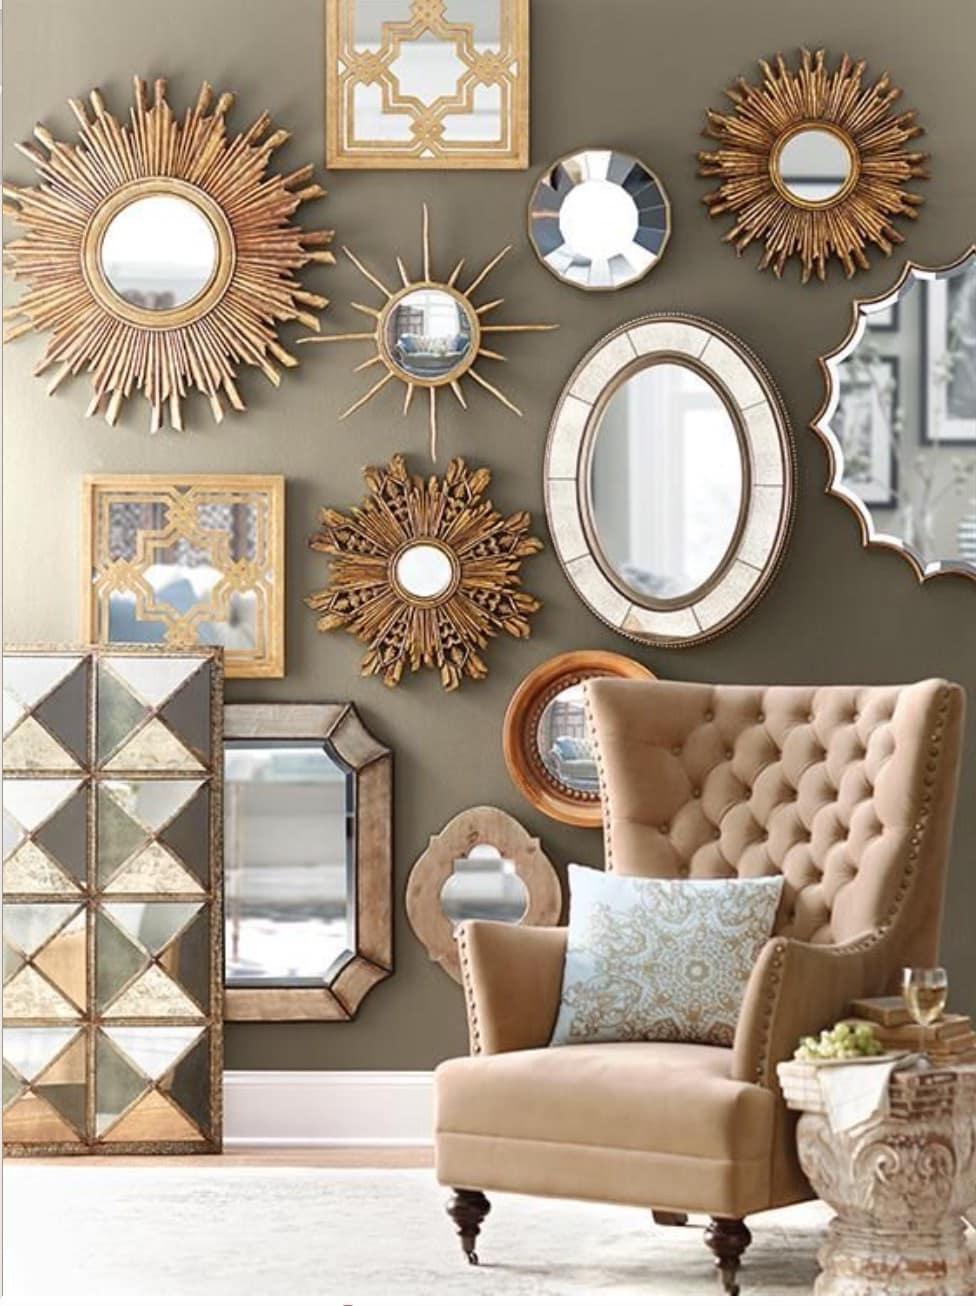 Живописный колорит и удивительная гармония красивых зеркал на стене выполненных в едином стиле с обивкой мебели